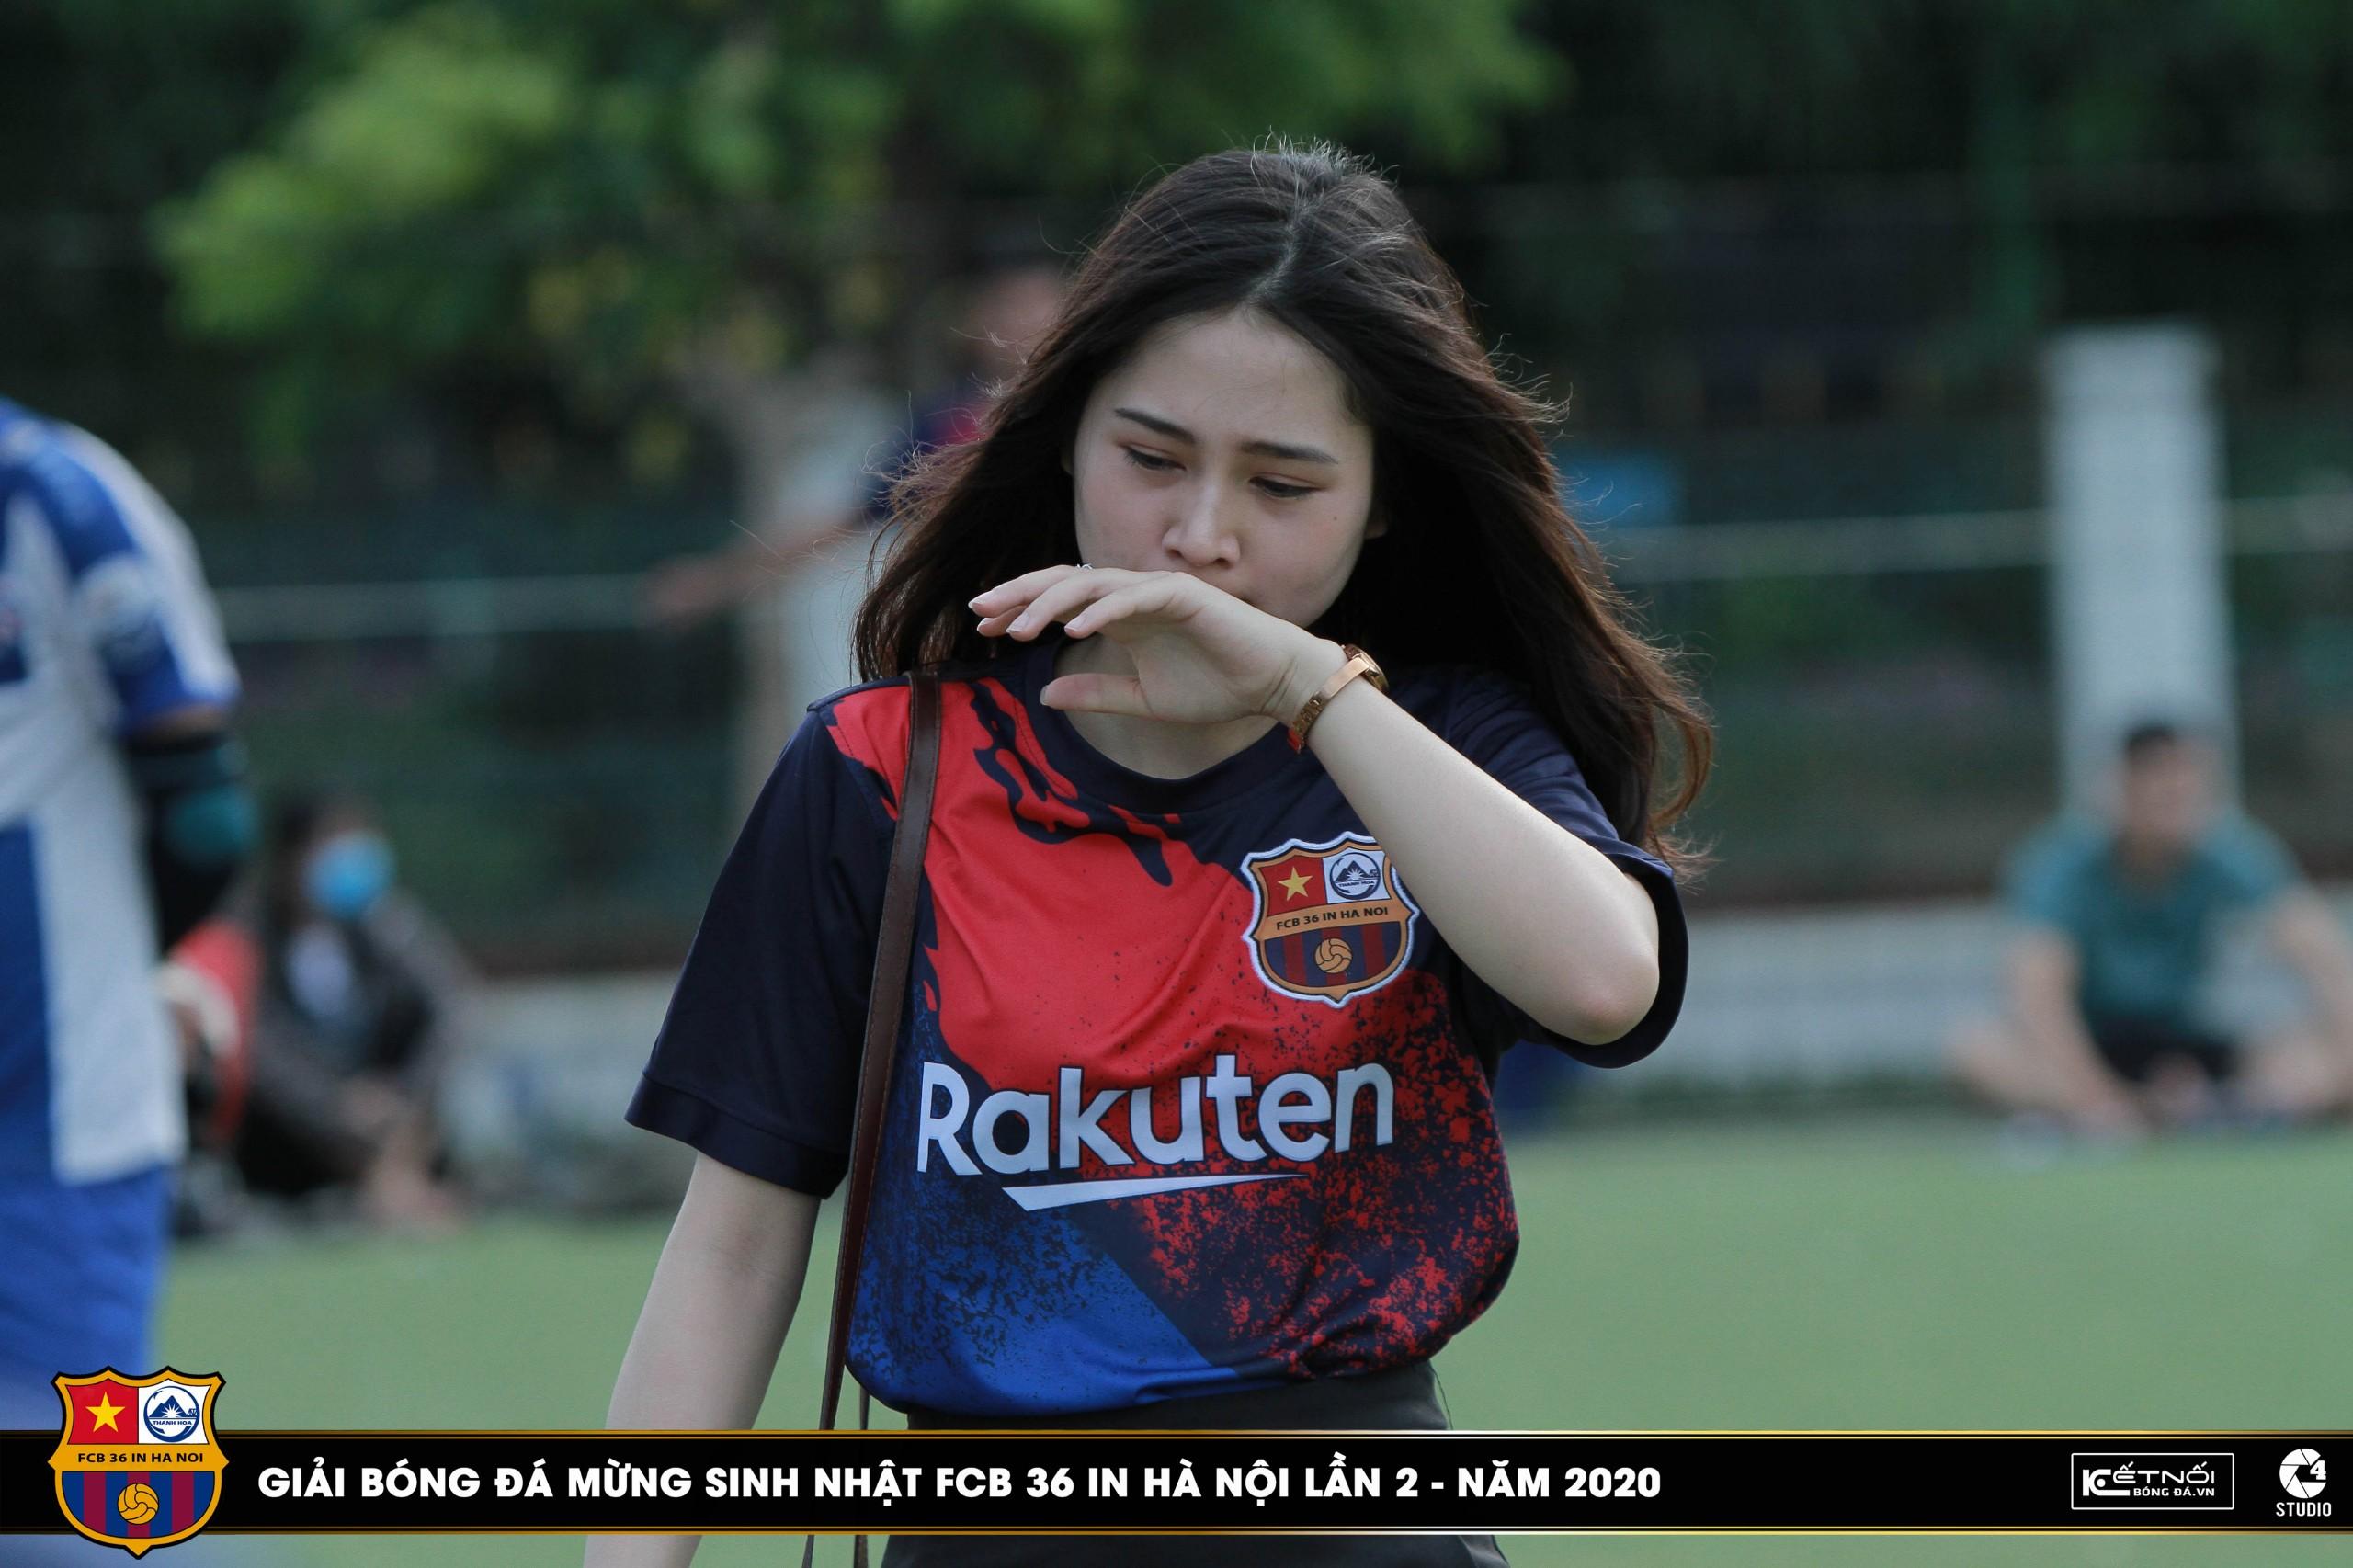 Sinh nhật FCB 36 in Hà Nội 2 tuổi